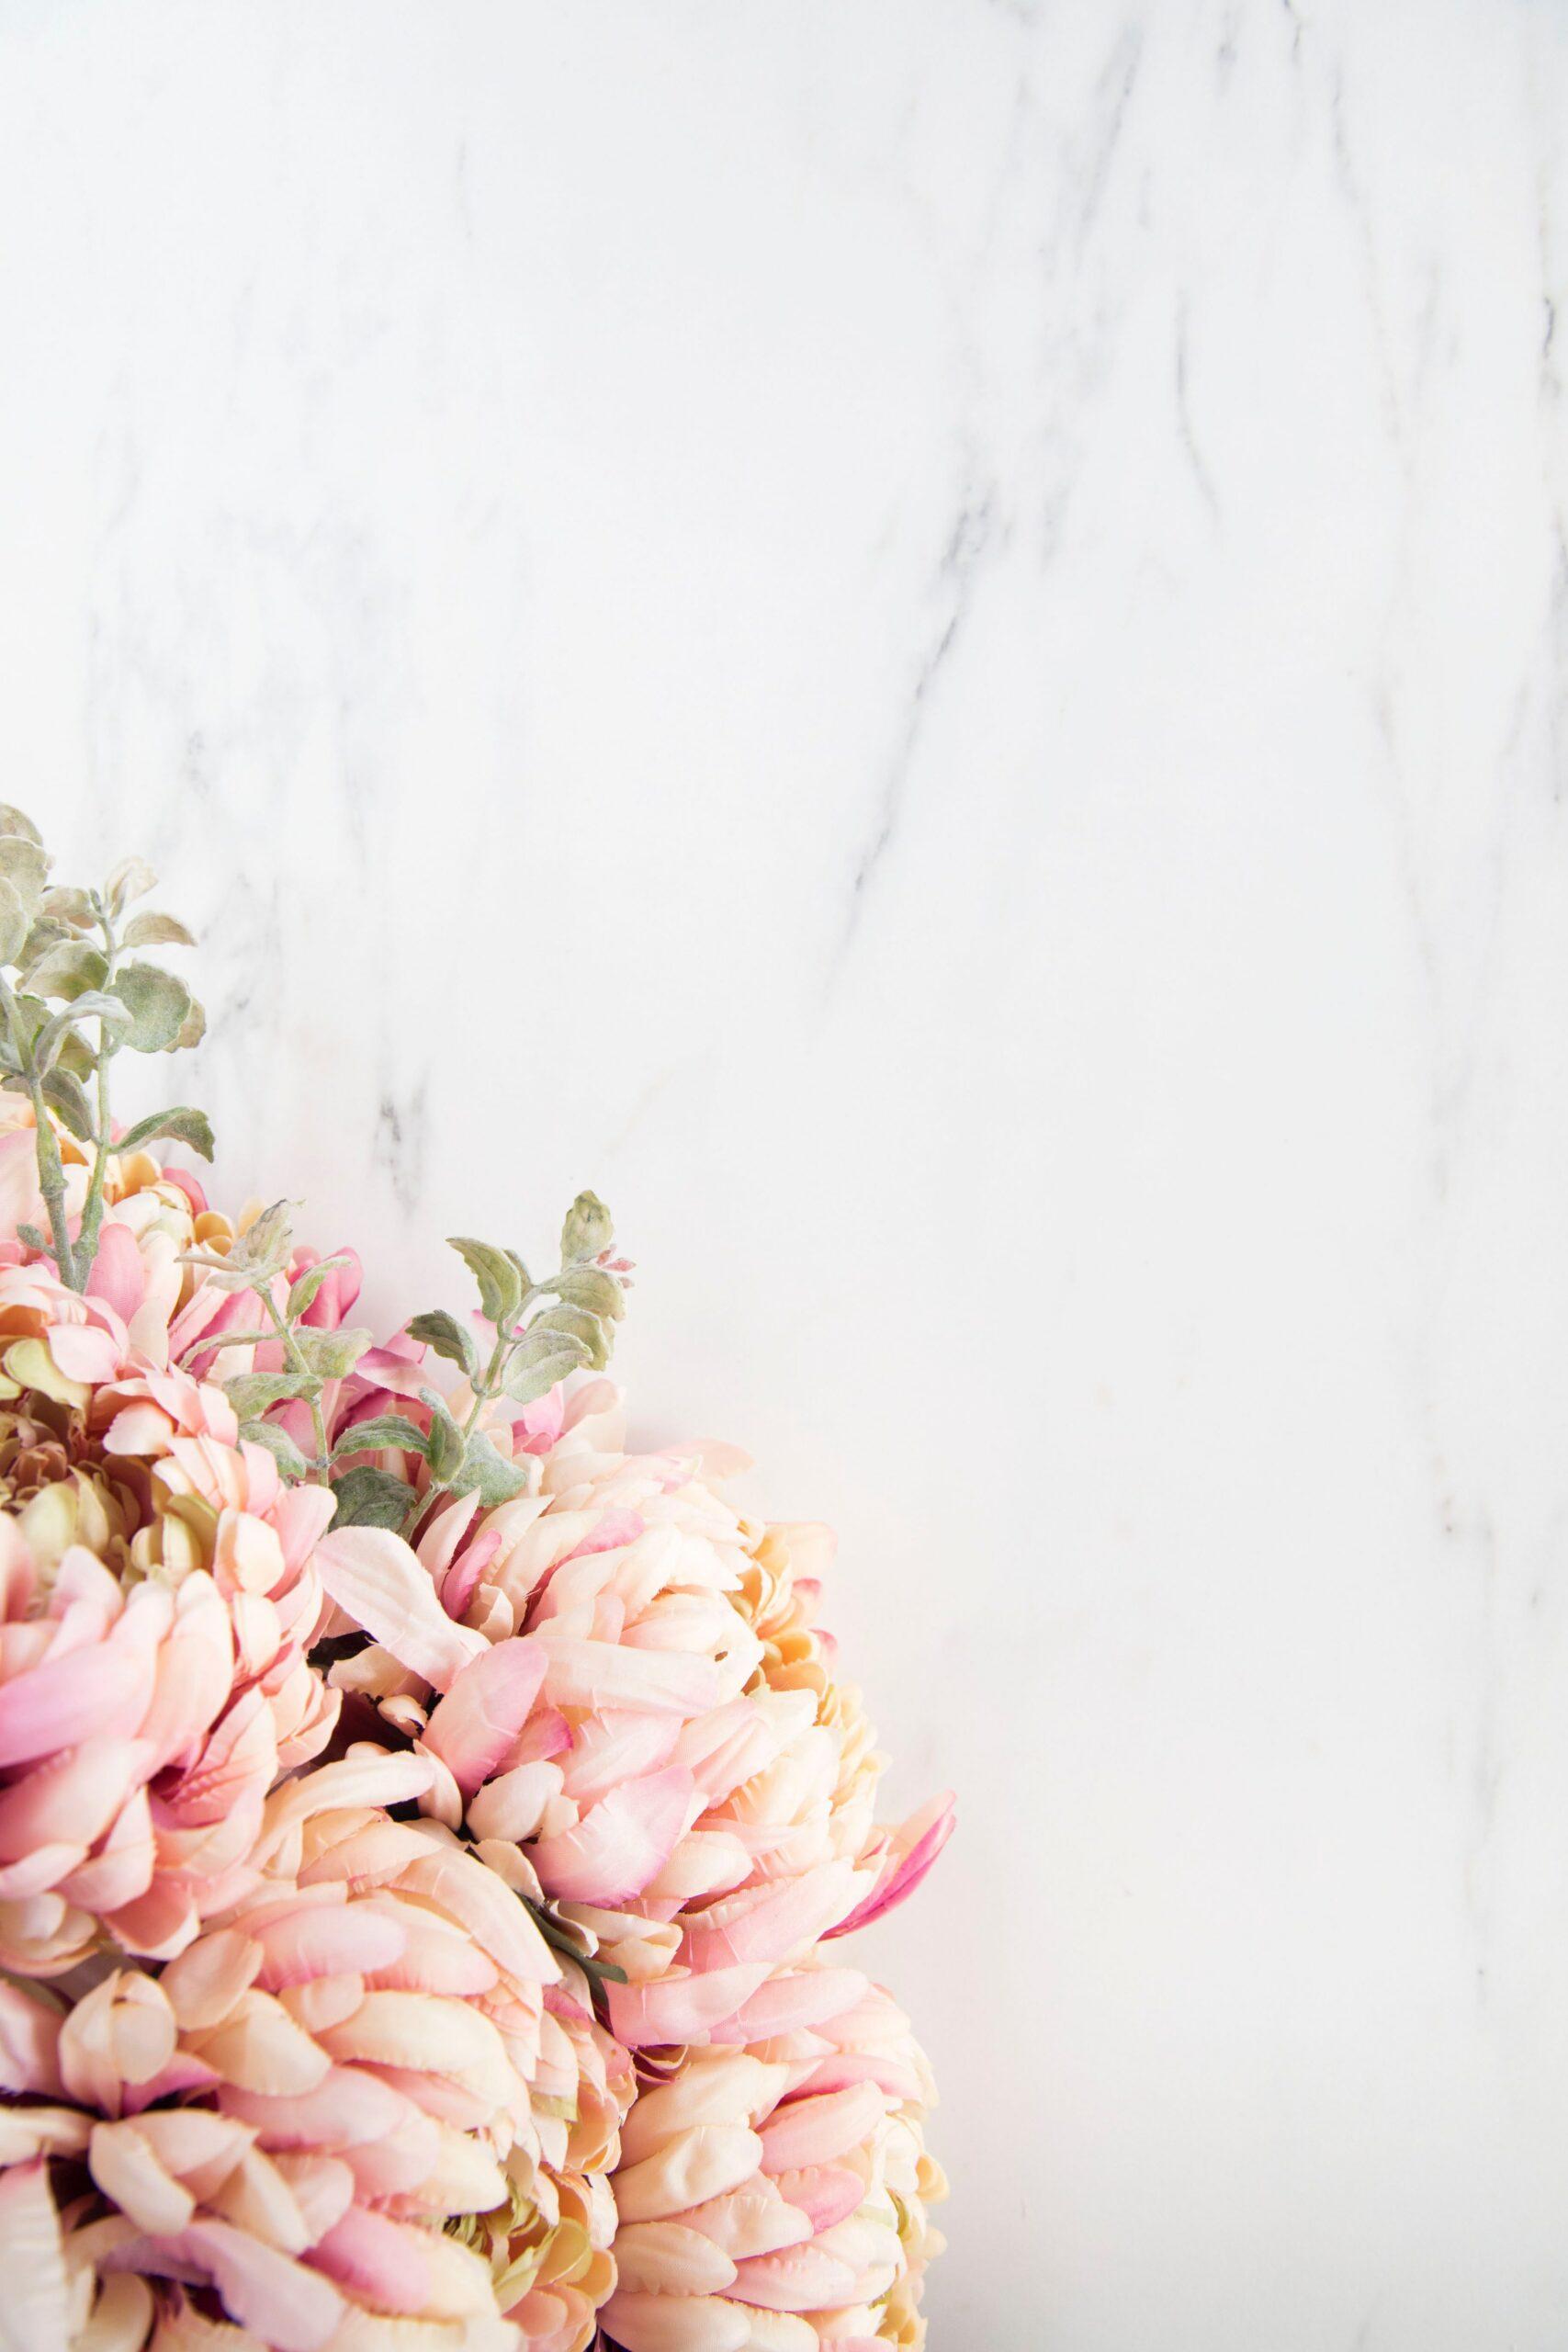 bloom schoonheidsinstituut brugge langestraat catharina elias